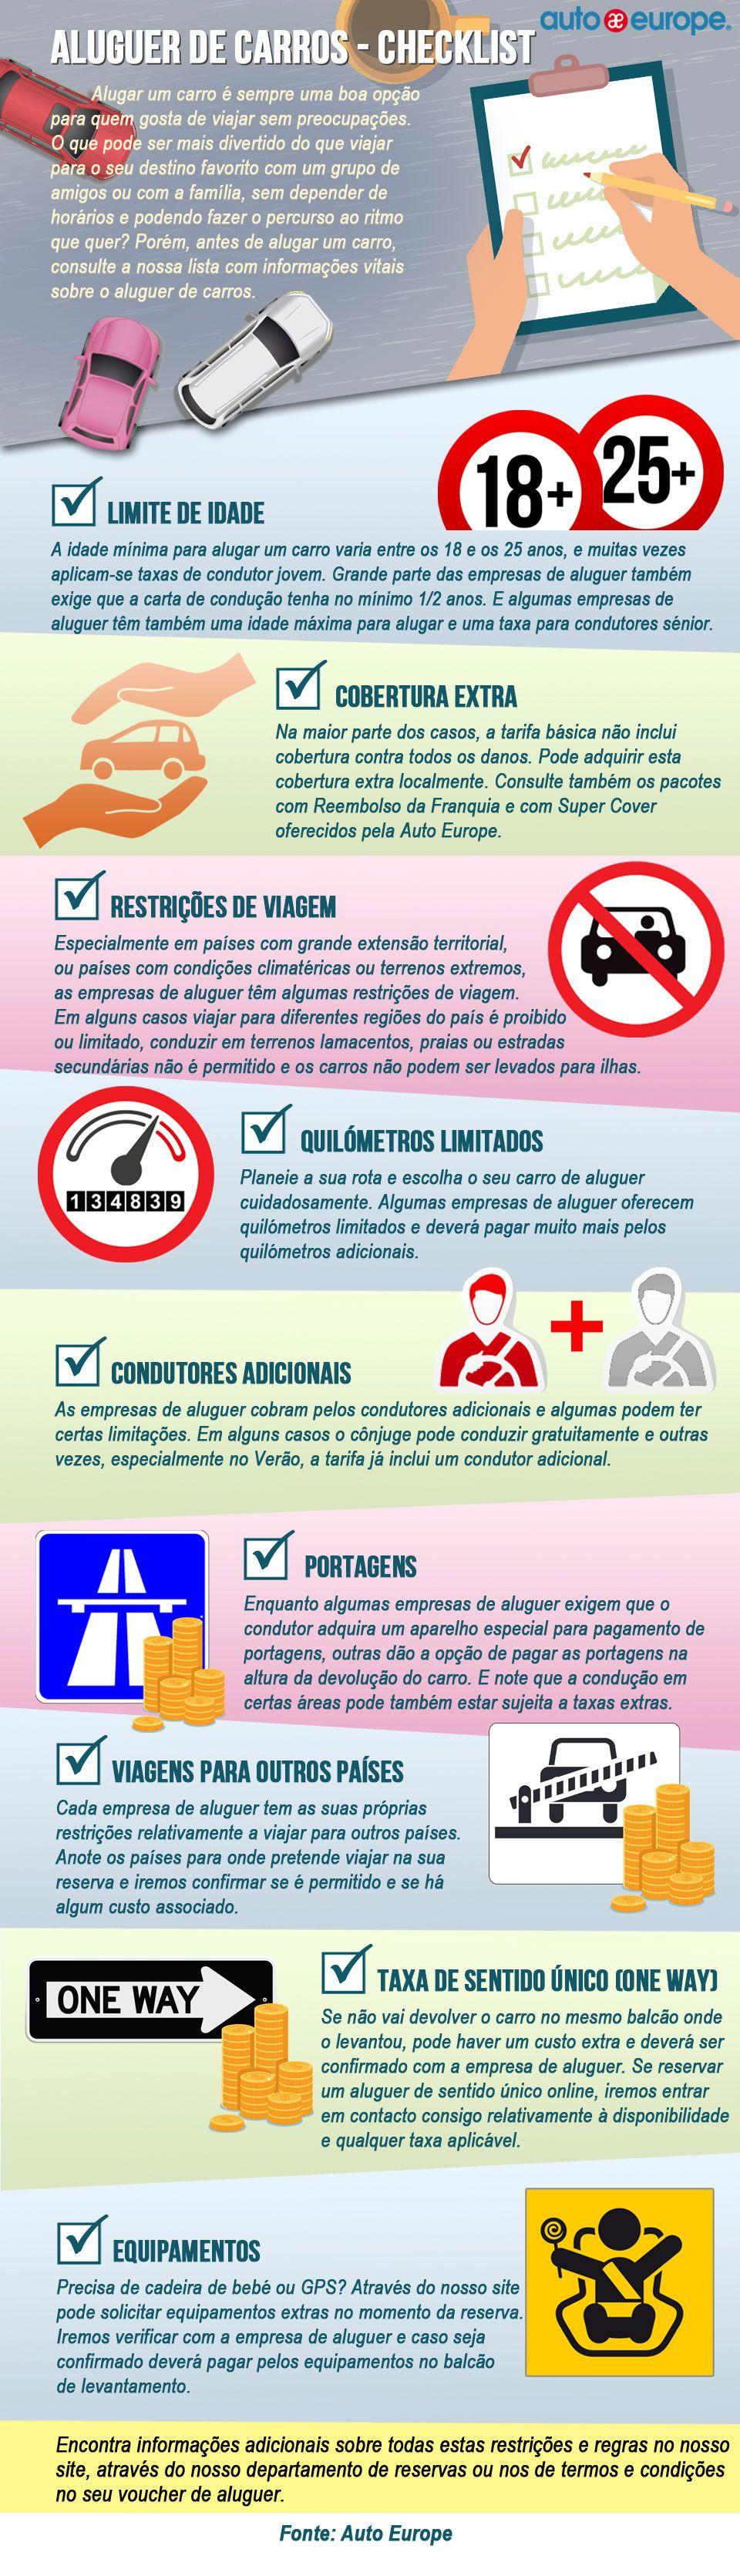 Infografico Aluguer De Carros Checklist Saiba Mais Sobre Os